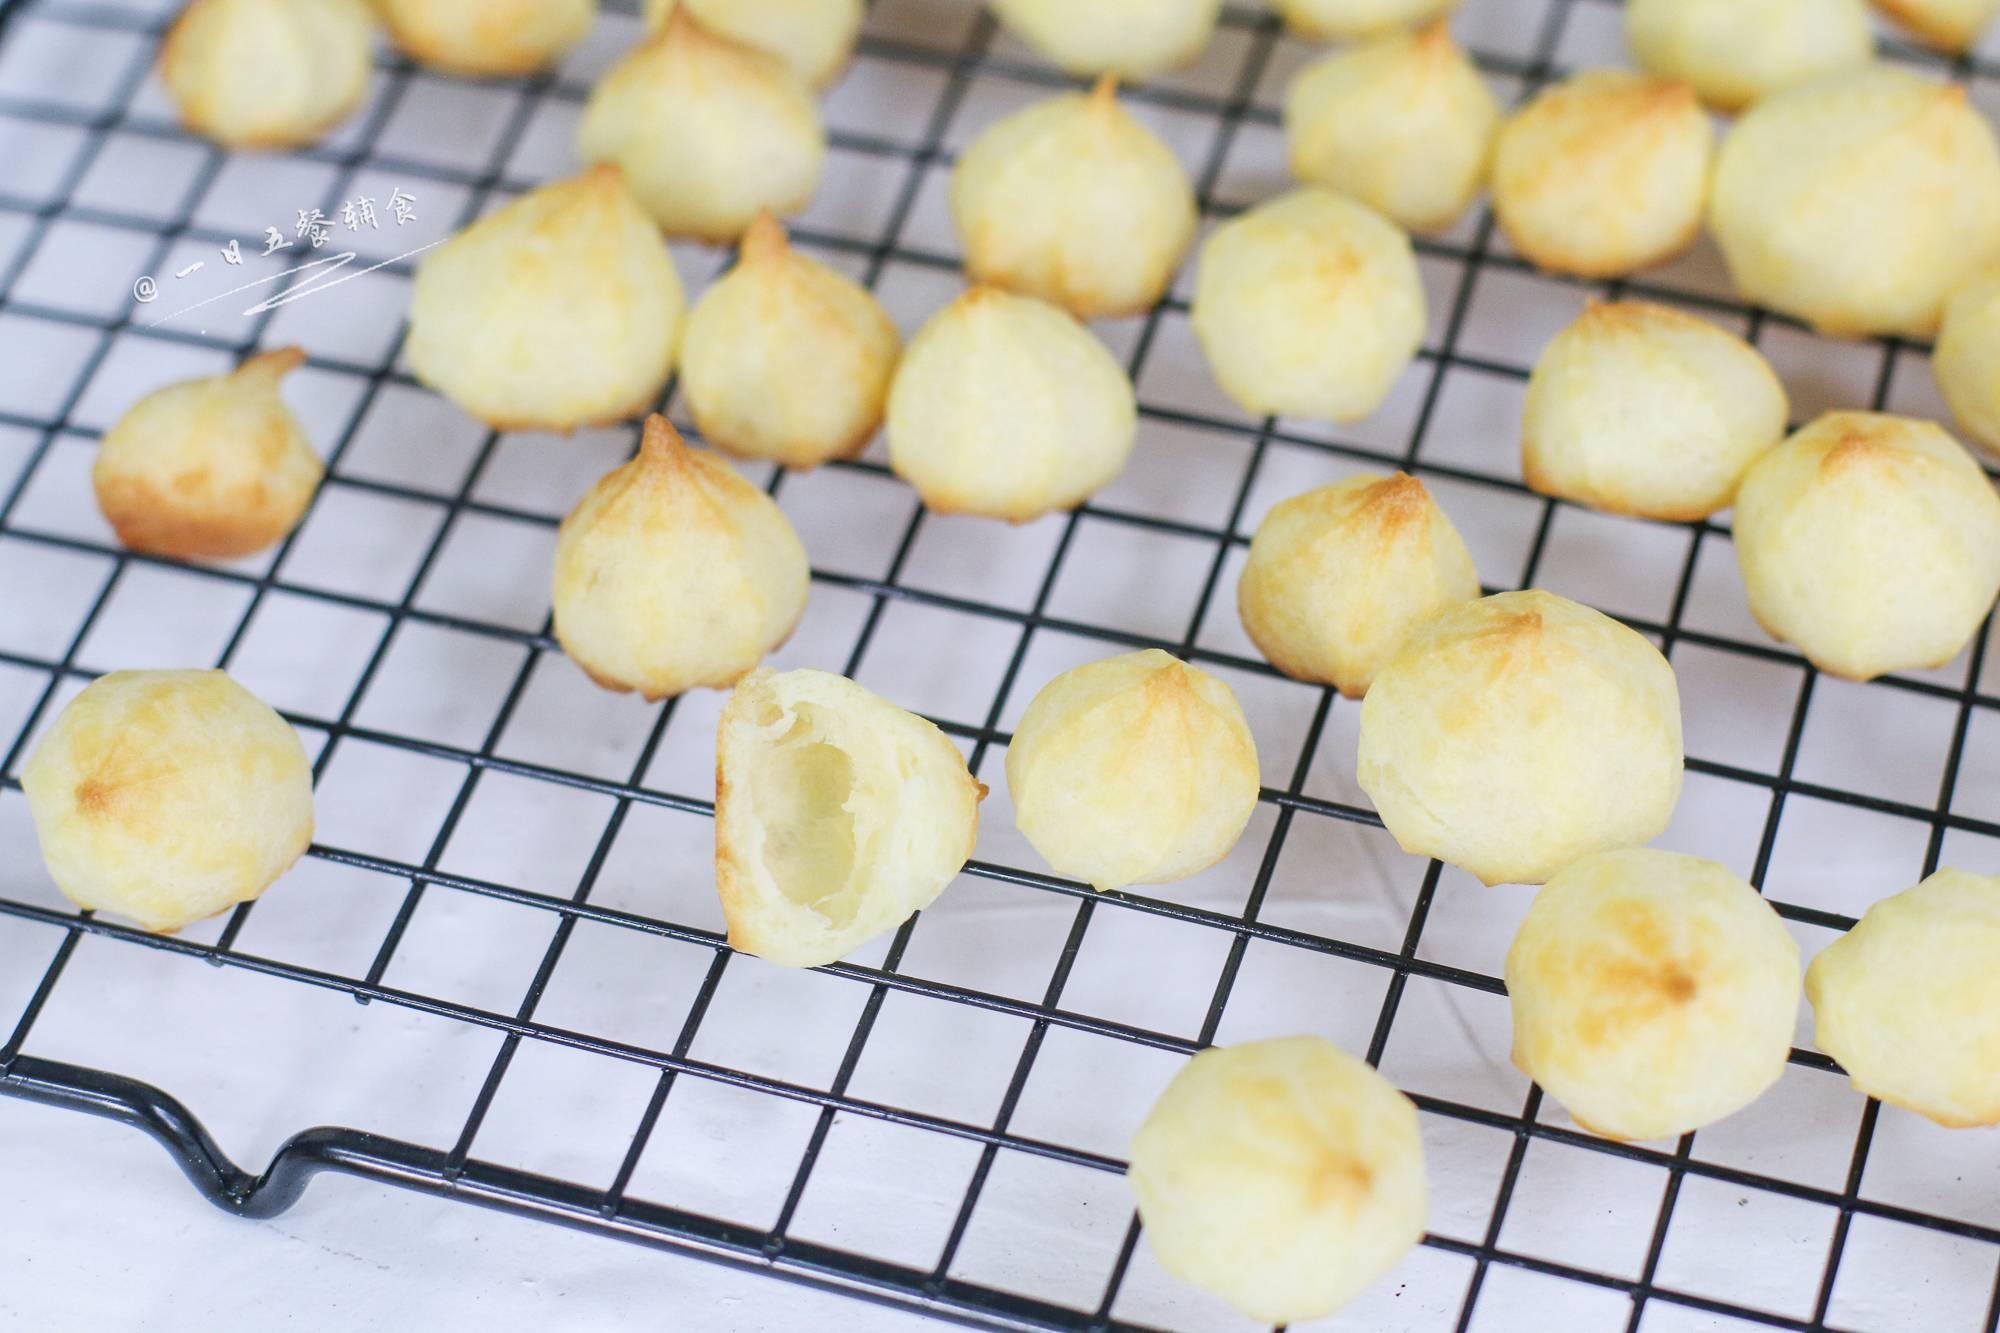 宝宝手指泡芙,最终泡芙是空心的,嚼着酥酥脆脆。给小柚子吃这个泡芙,如果不加以管控,他能不吃饭一直吃它。</p> <p>